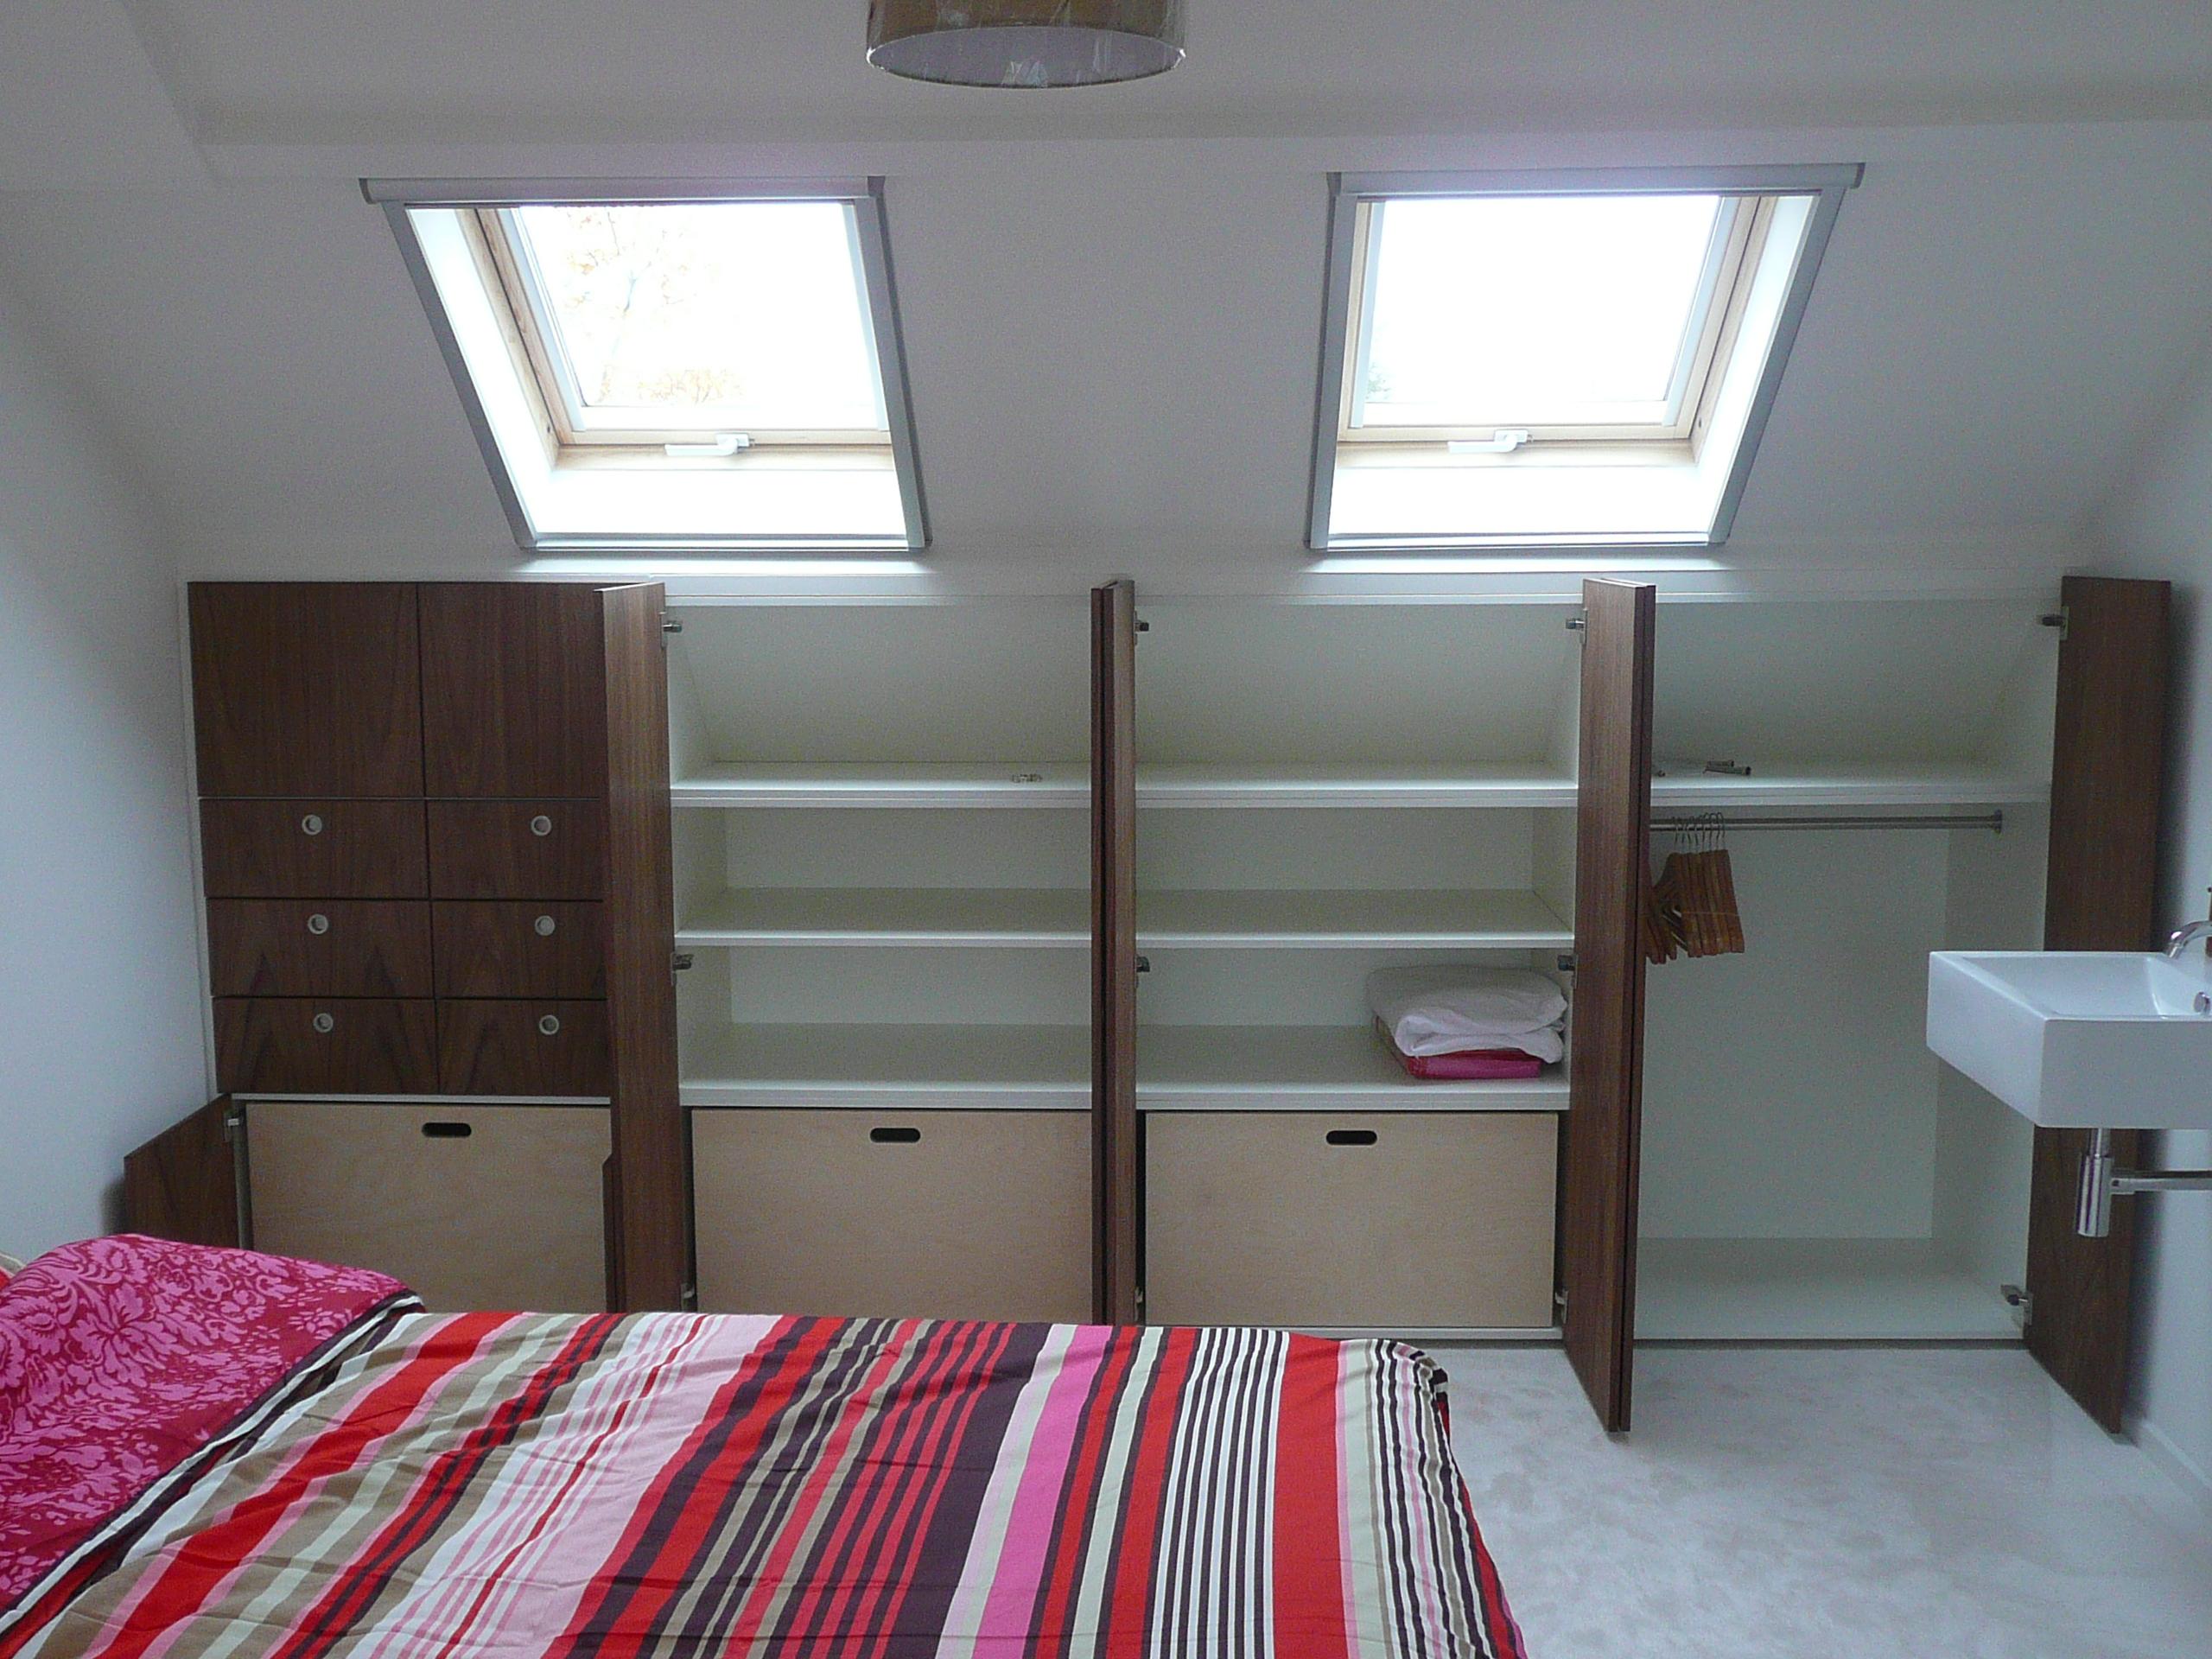 Kleine woonkamer met open keuken 19 images badkamer hoge kast artsmedia info open keuken - Keuken open voor woonkamer ...